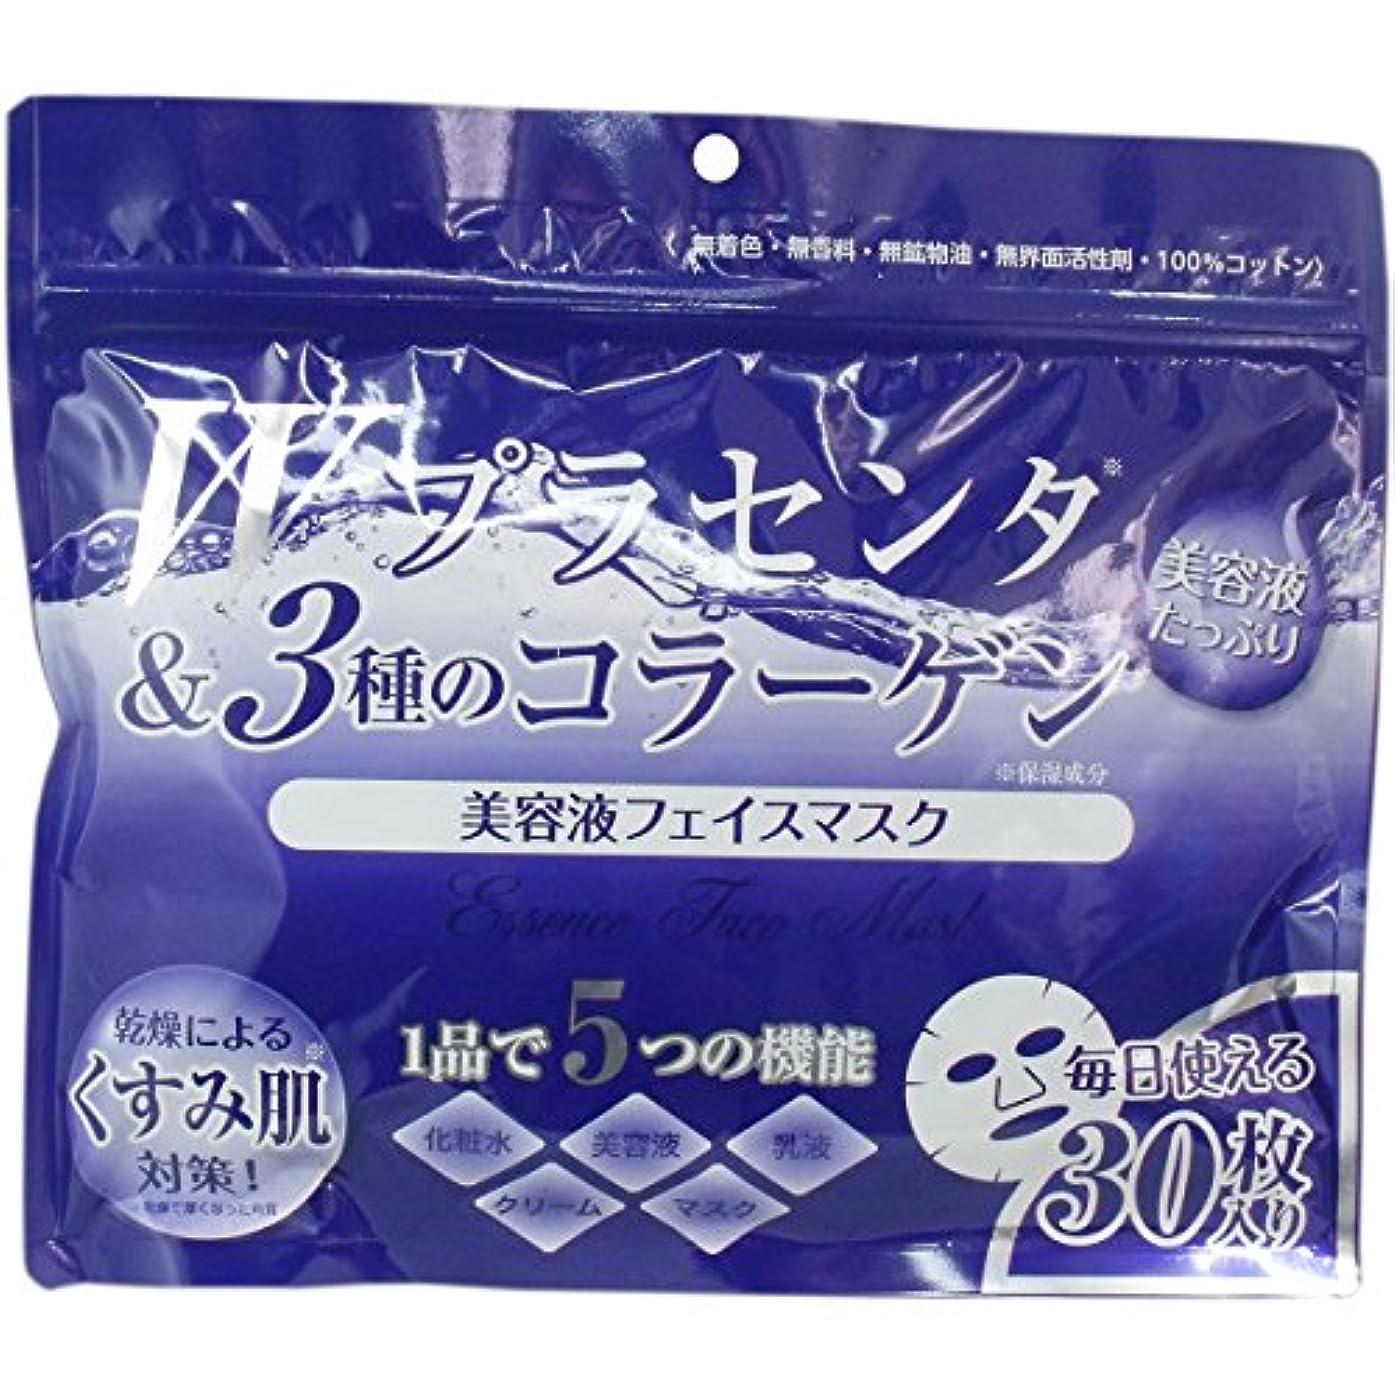 しがみつく検査官普通のオールインワン 美容液フェイスマスク Wプラセンタ&3種のコラーゲン 30枚入